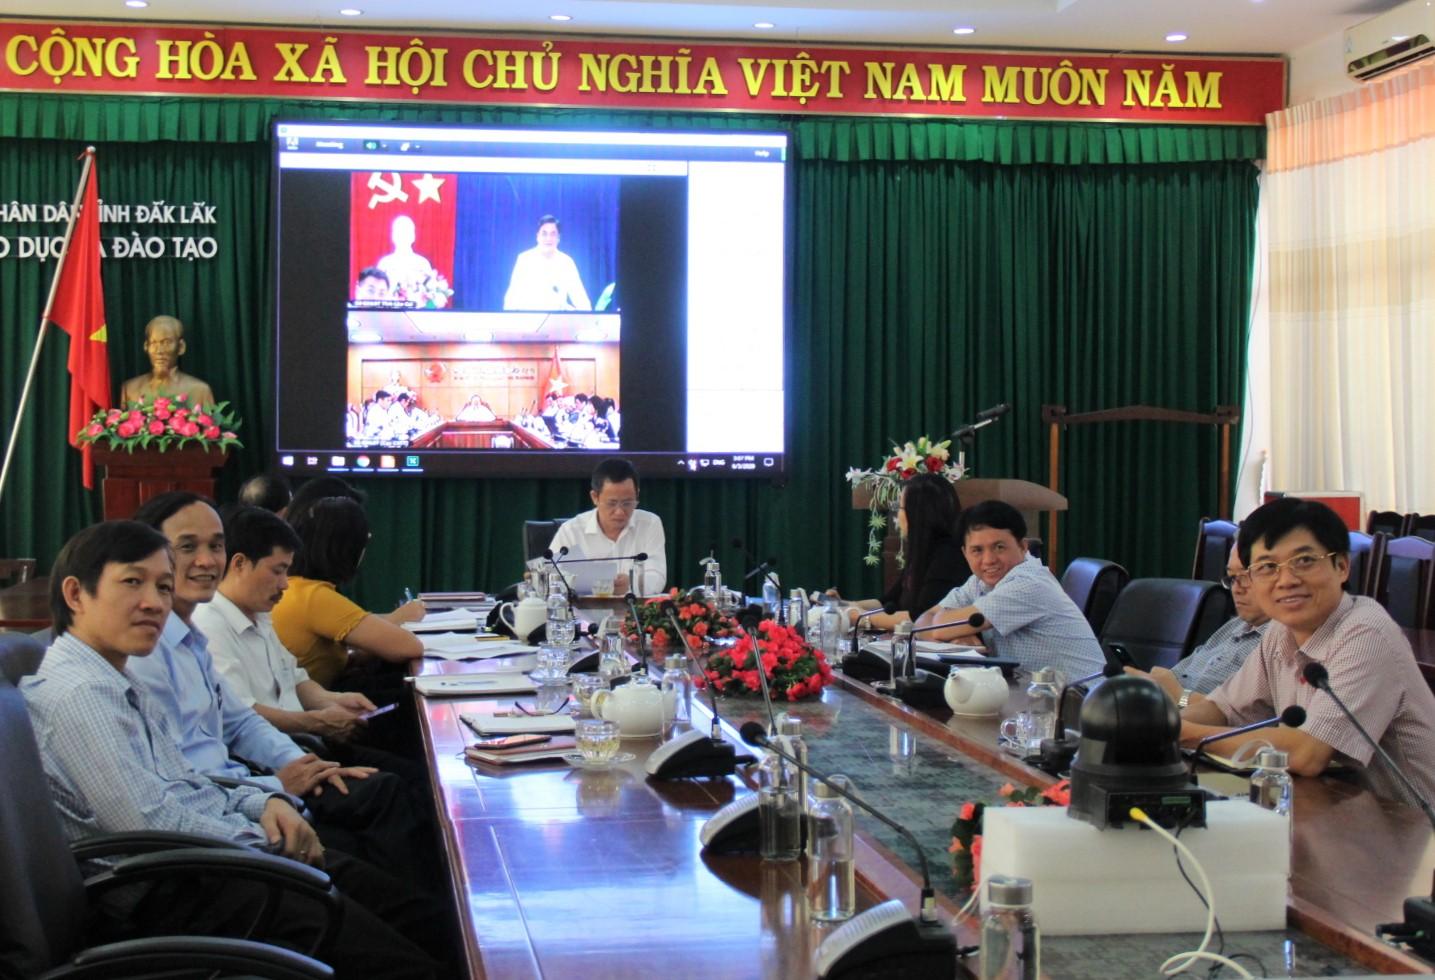 Bộ Giáo dục và Đào tạo đánh giá chất lượng dạy học qua internet và trên truyền hình